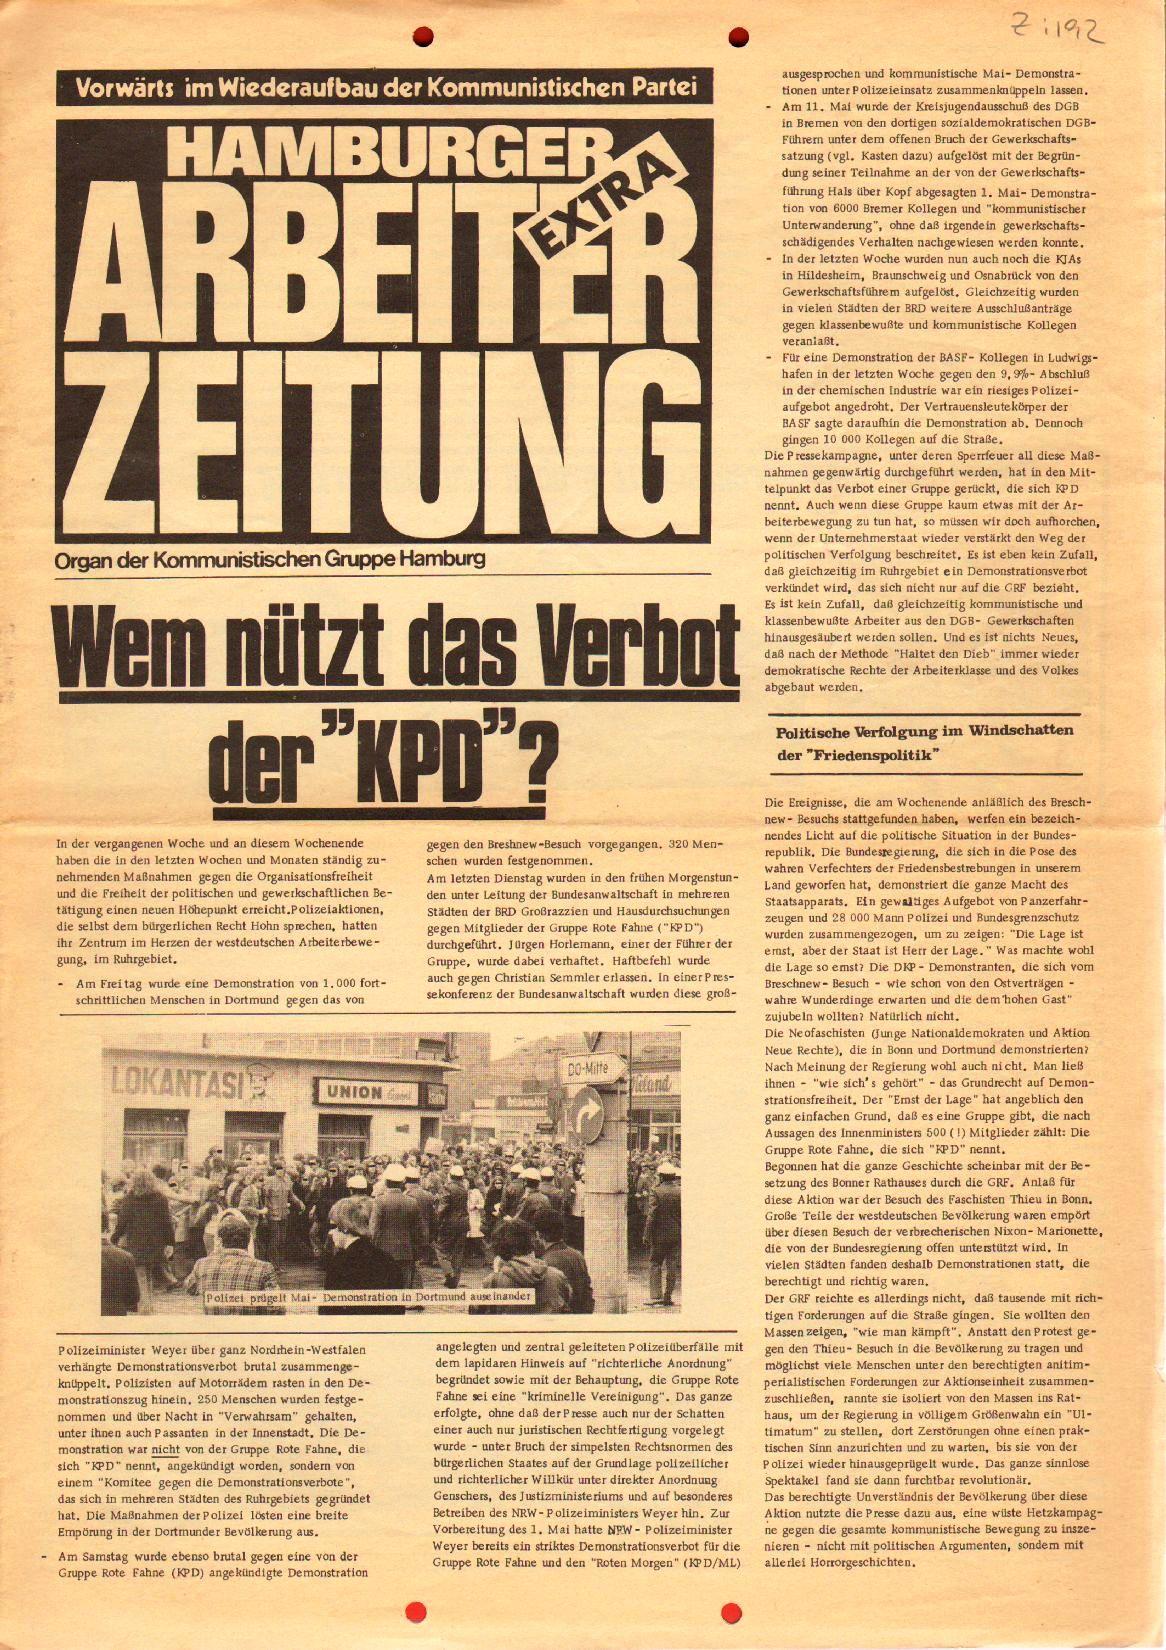 Hamburger_Arbeiterzeitung025